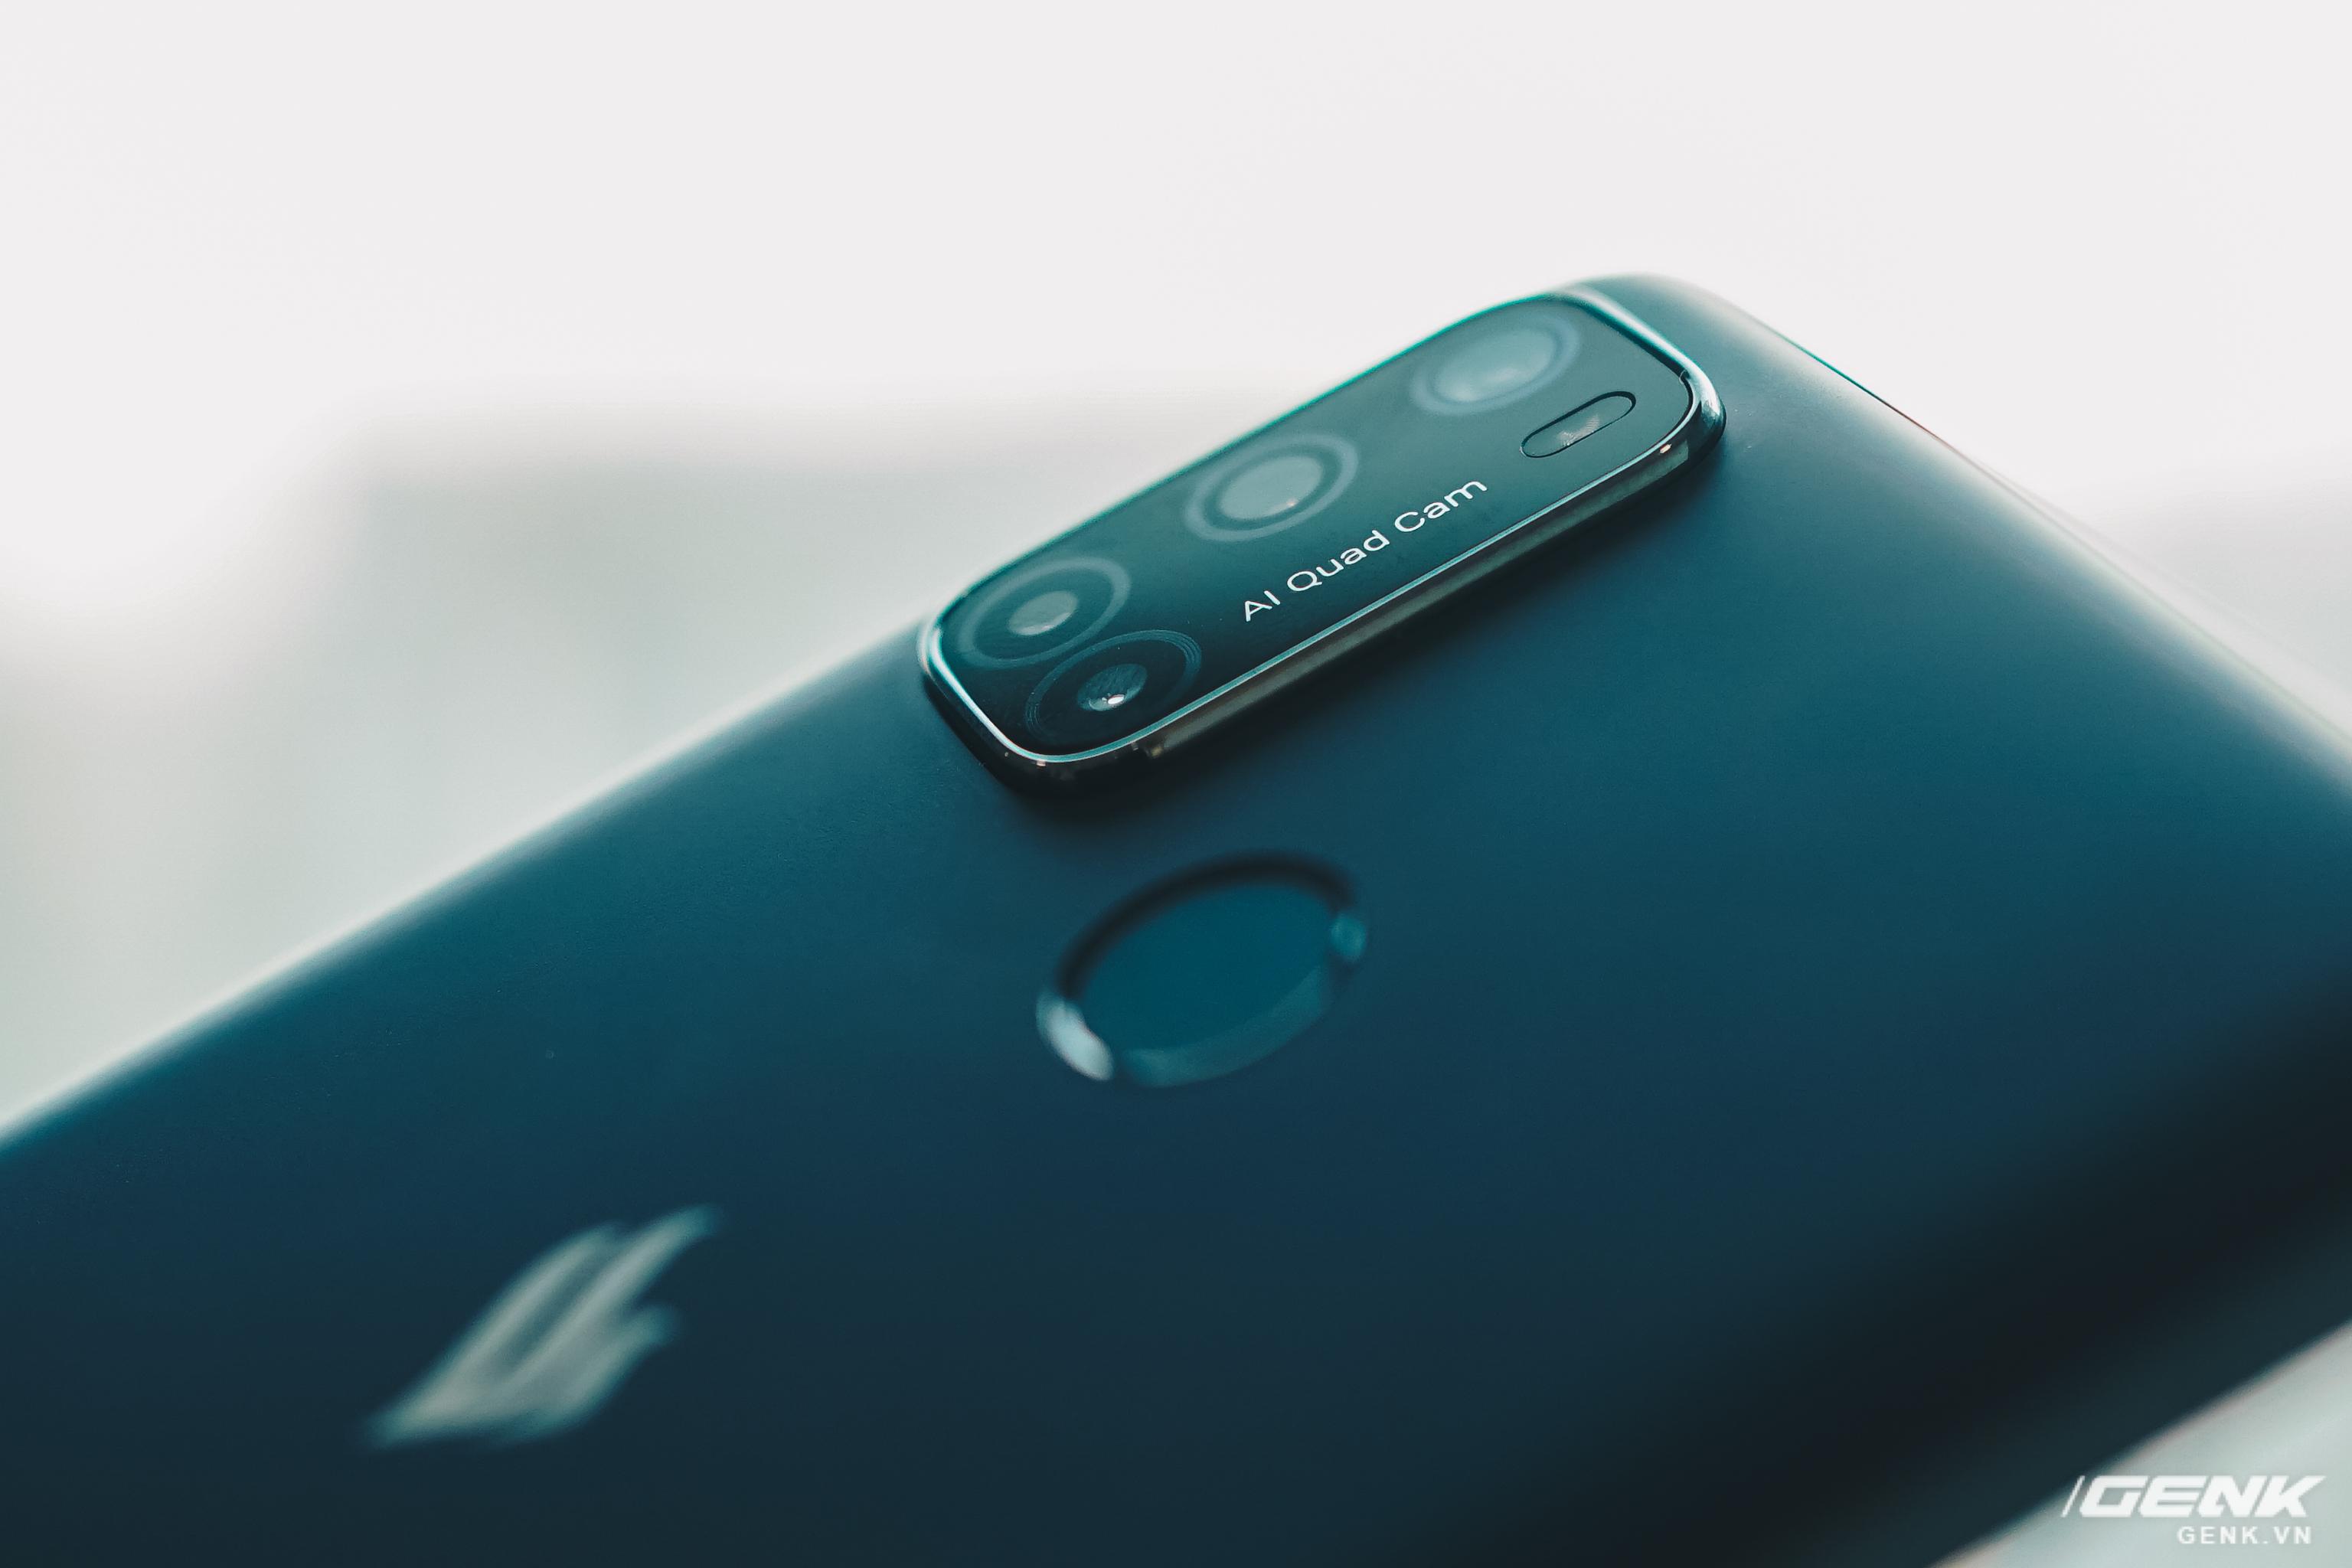 Vsmart Aris Pro: Smartphone Việt đầu tiên có camera ẩn dưới màn hình, bán với giá 10 triệu đồng - Ảnh 4.